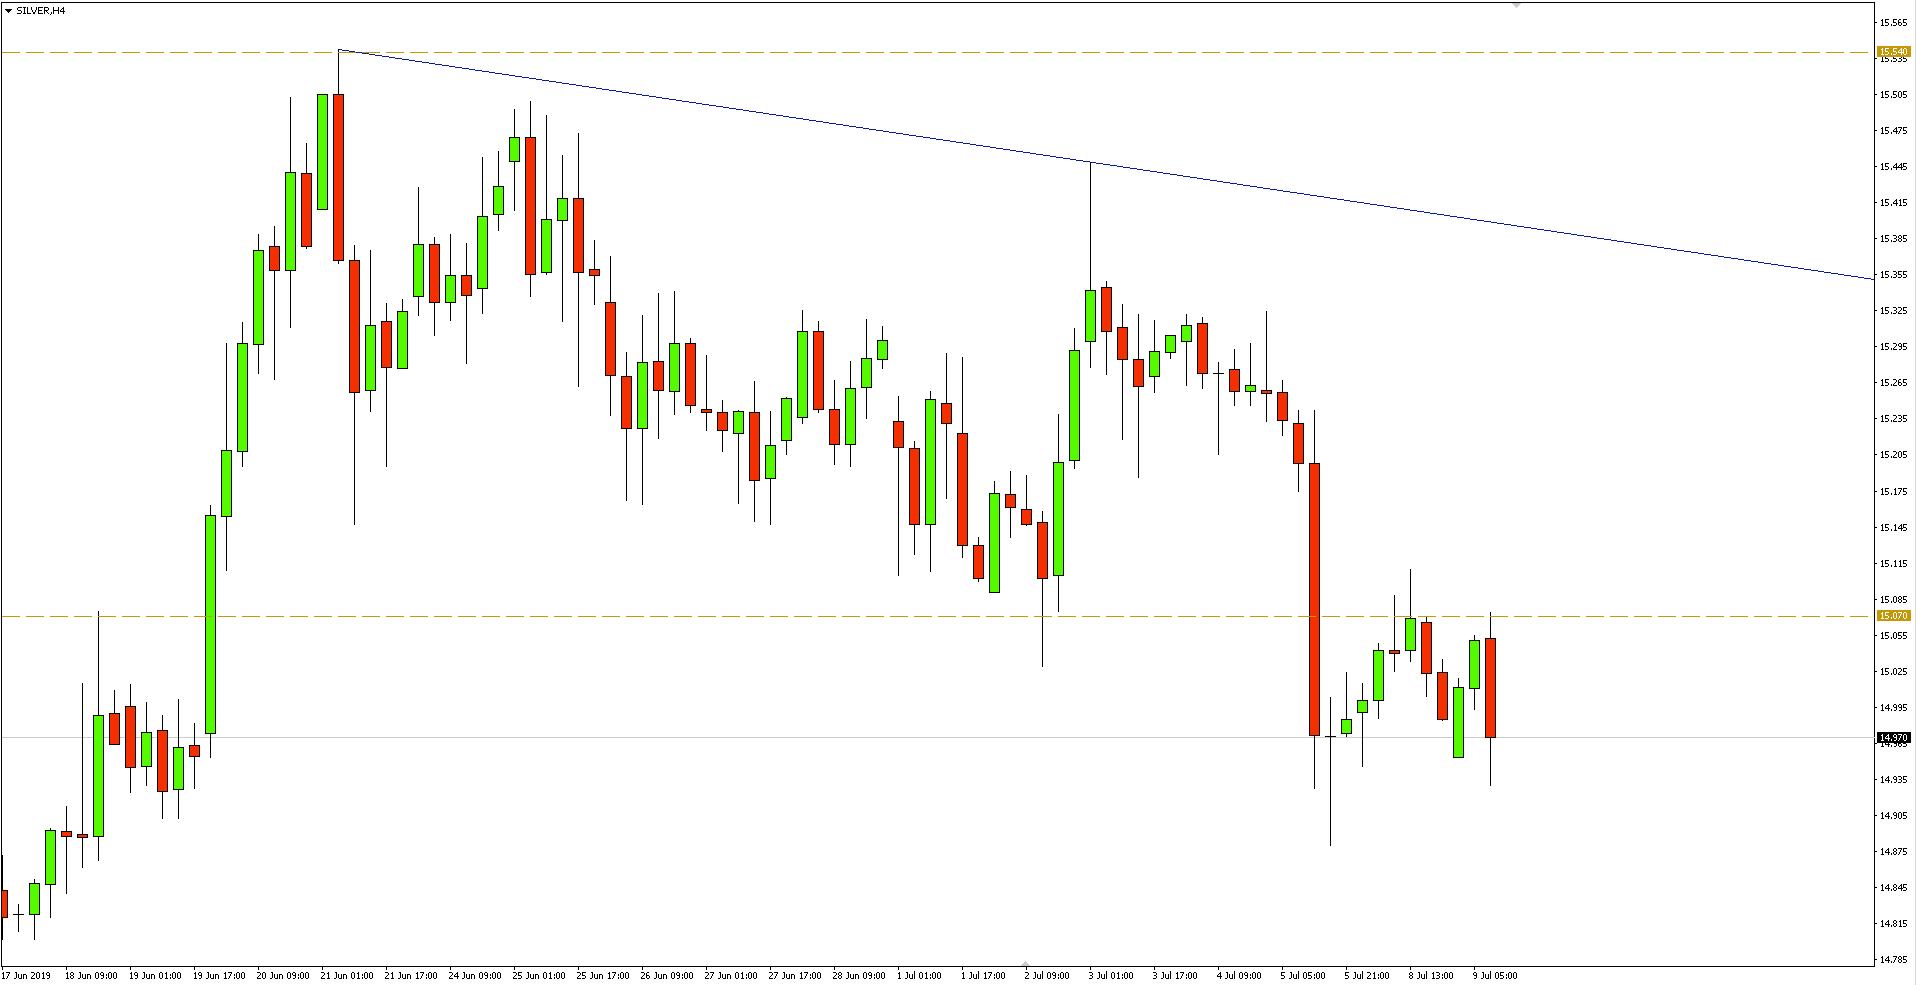 Kurs srebra do dolara (XAG/USD) - wykres 4-godzinny - 9 lipca 2019